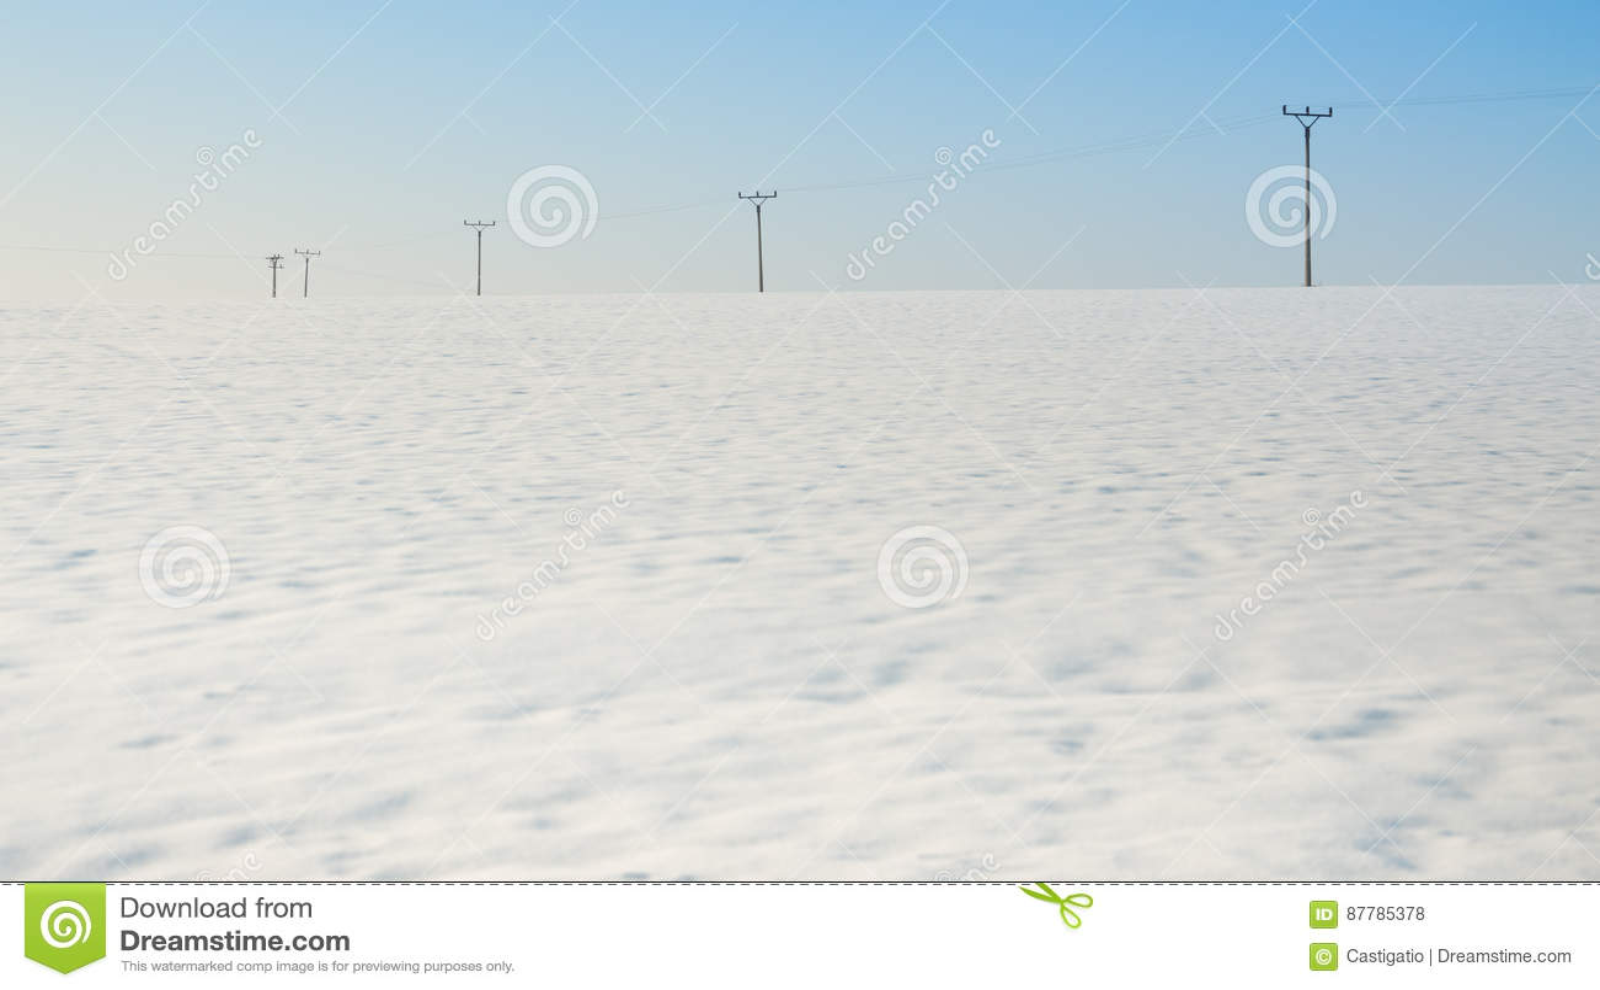 Electric poles in the field, winter season